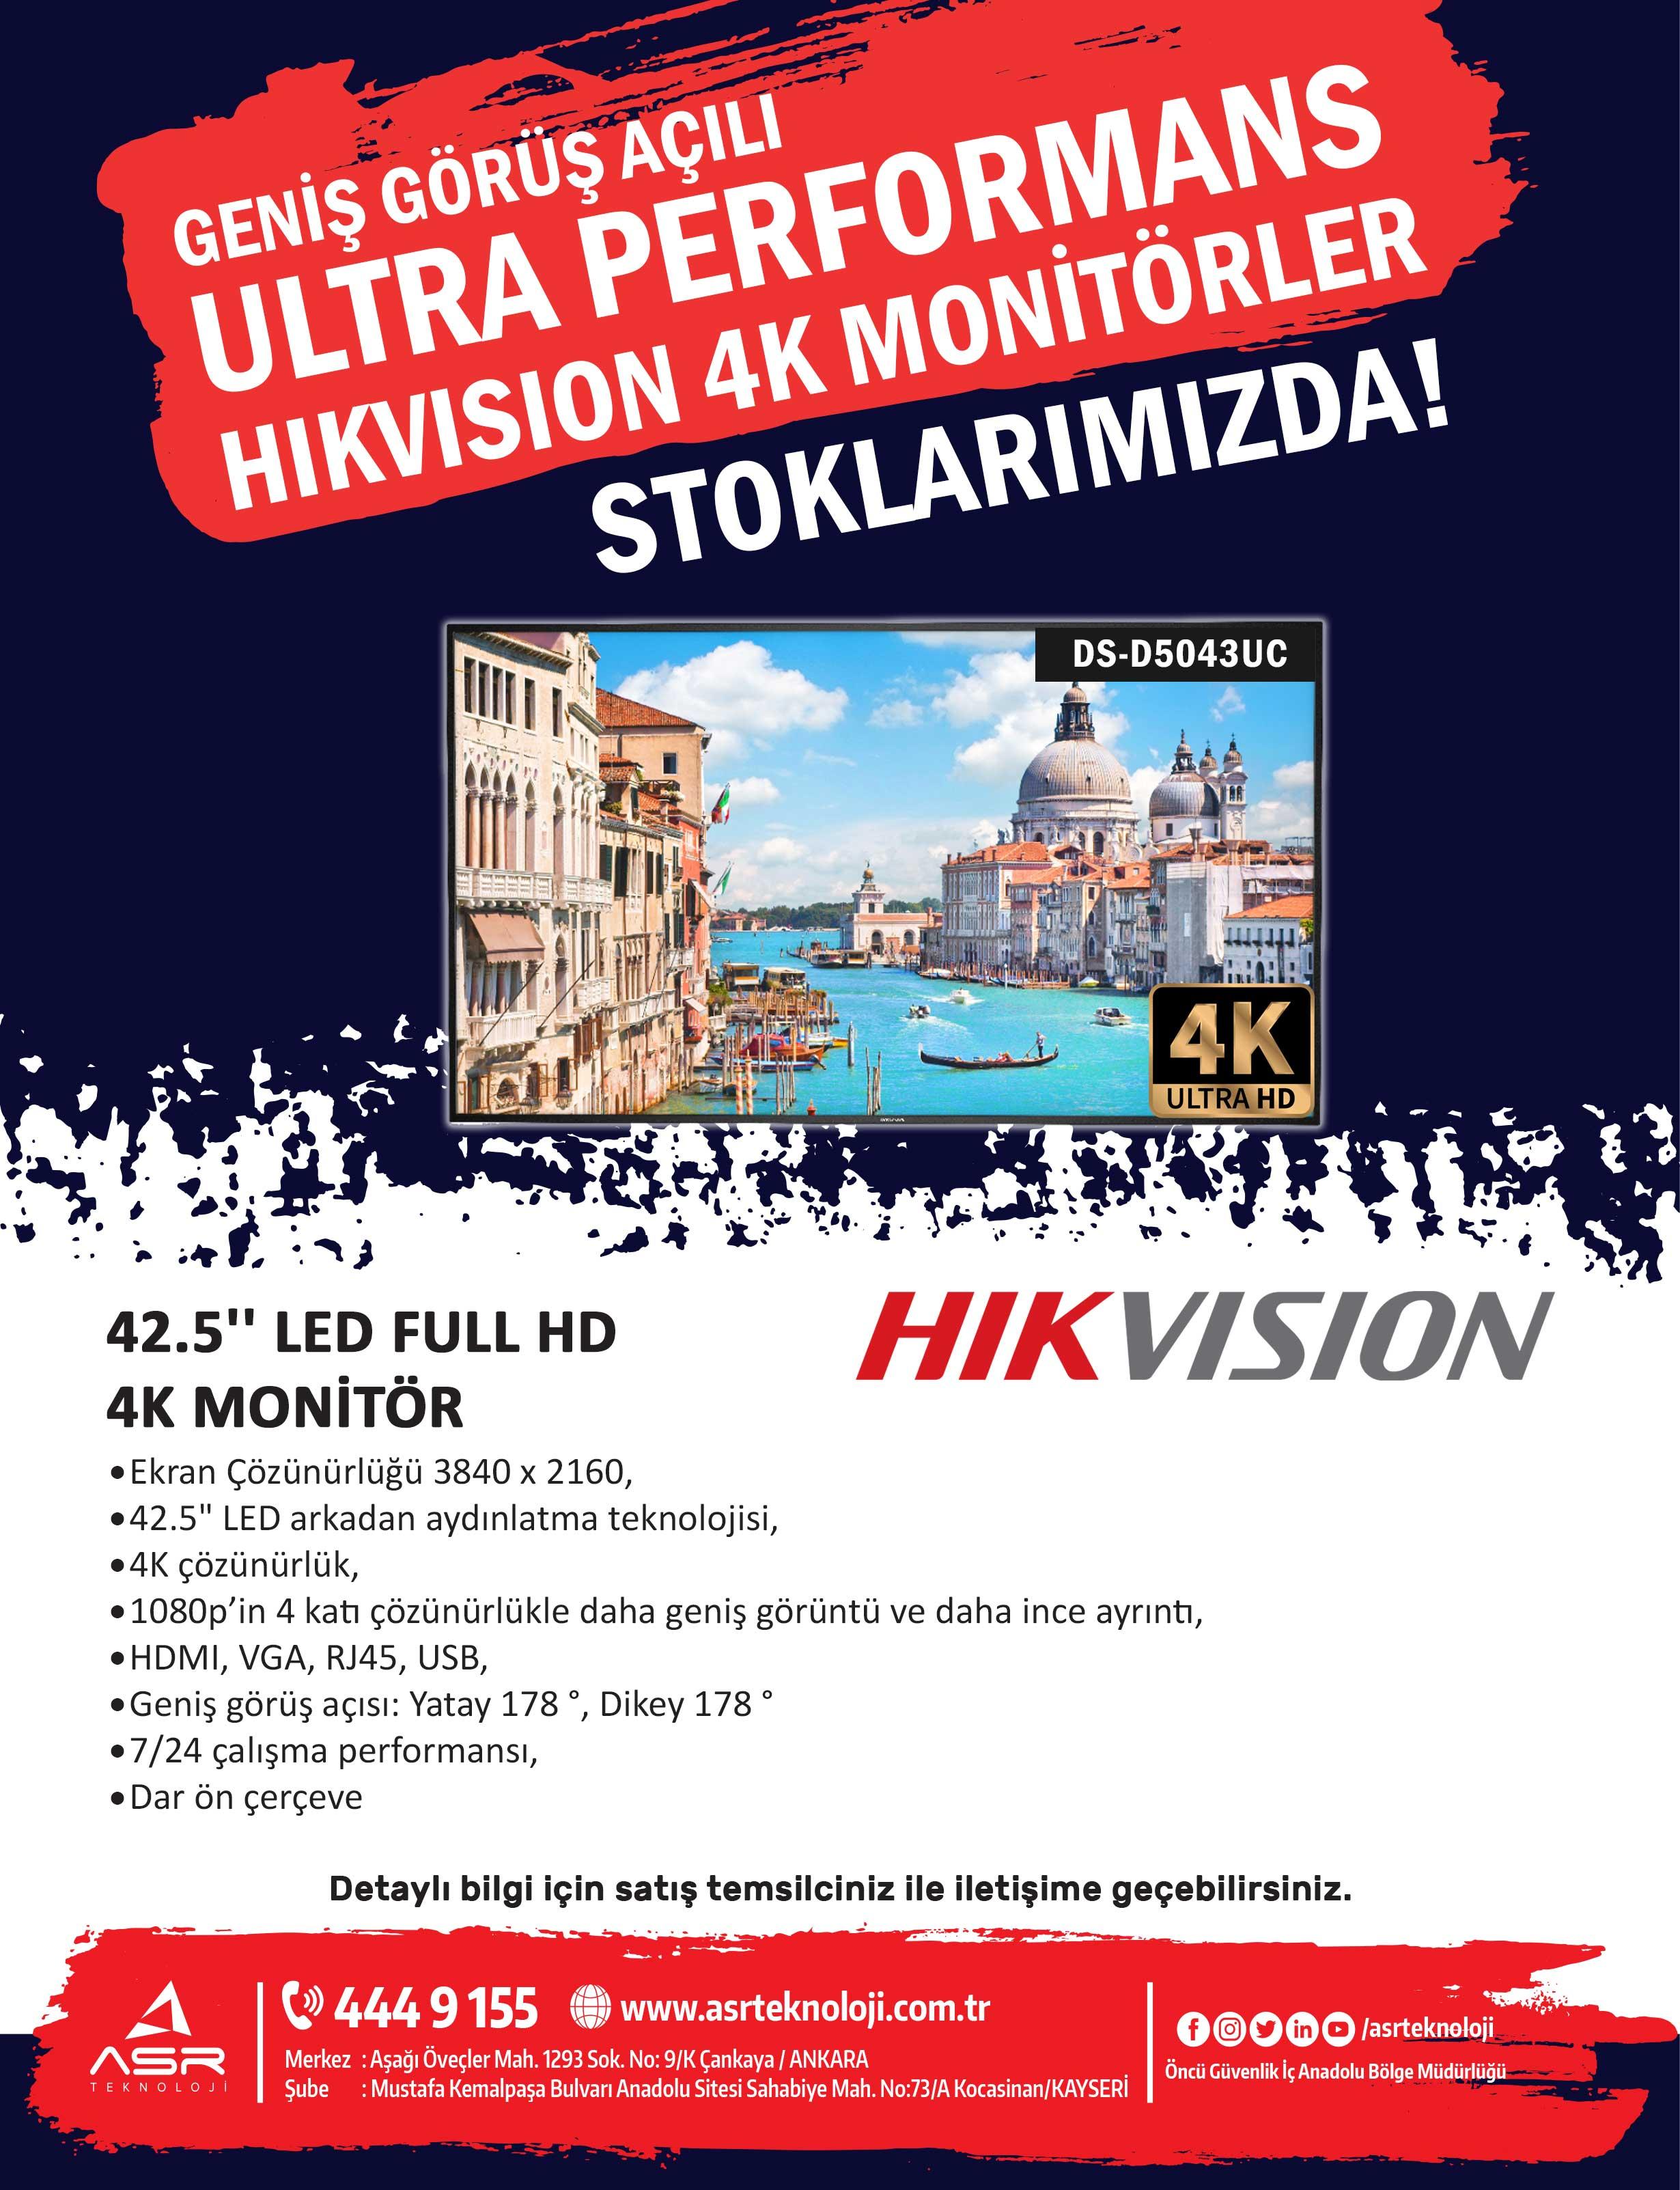 Geniş Görüş Açılı, Ultra Performans, Hikvision 4K Monitörler Stoklarımızda!..